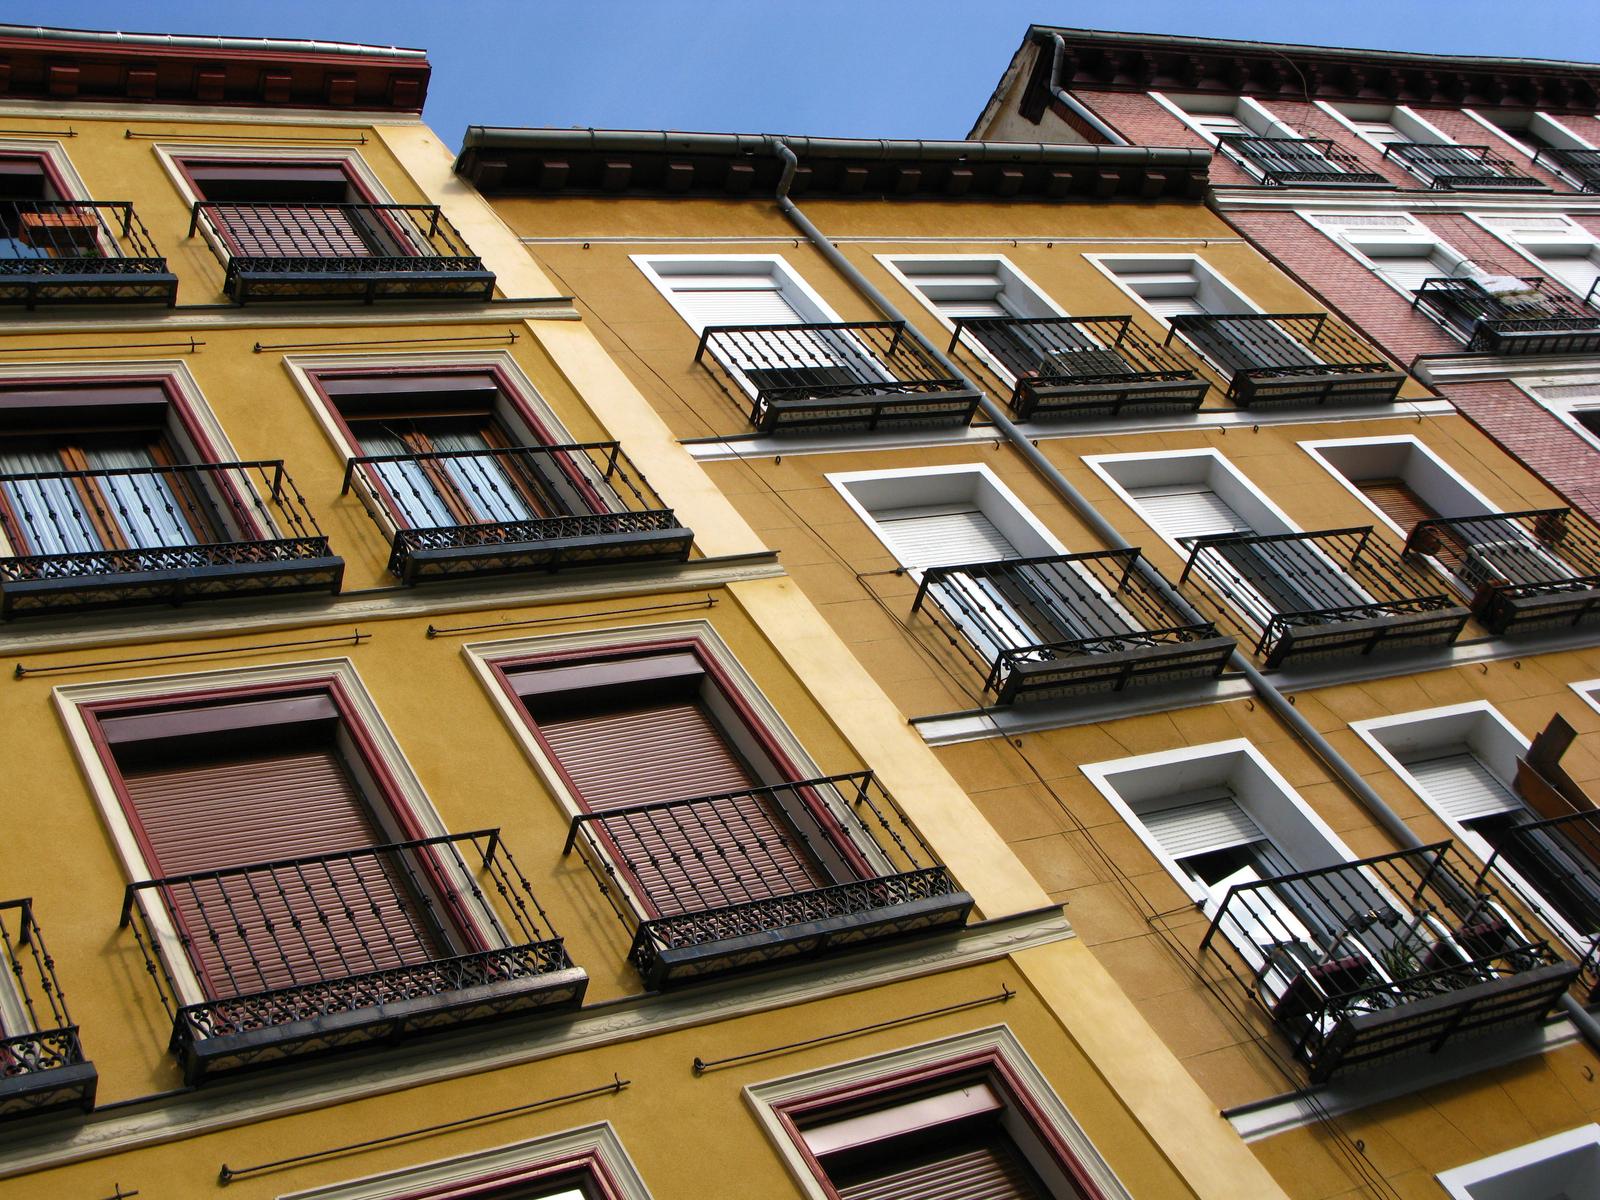 Alquiler habitaciones en malasa a pisos para estudiantes - Pisos estudiantes madrid baratos ...